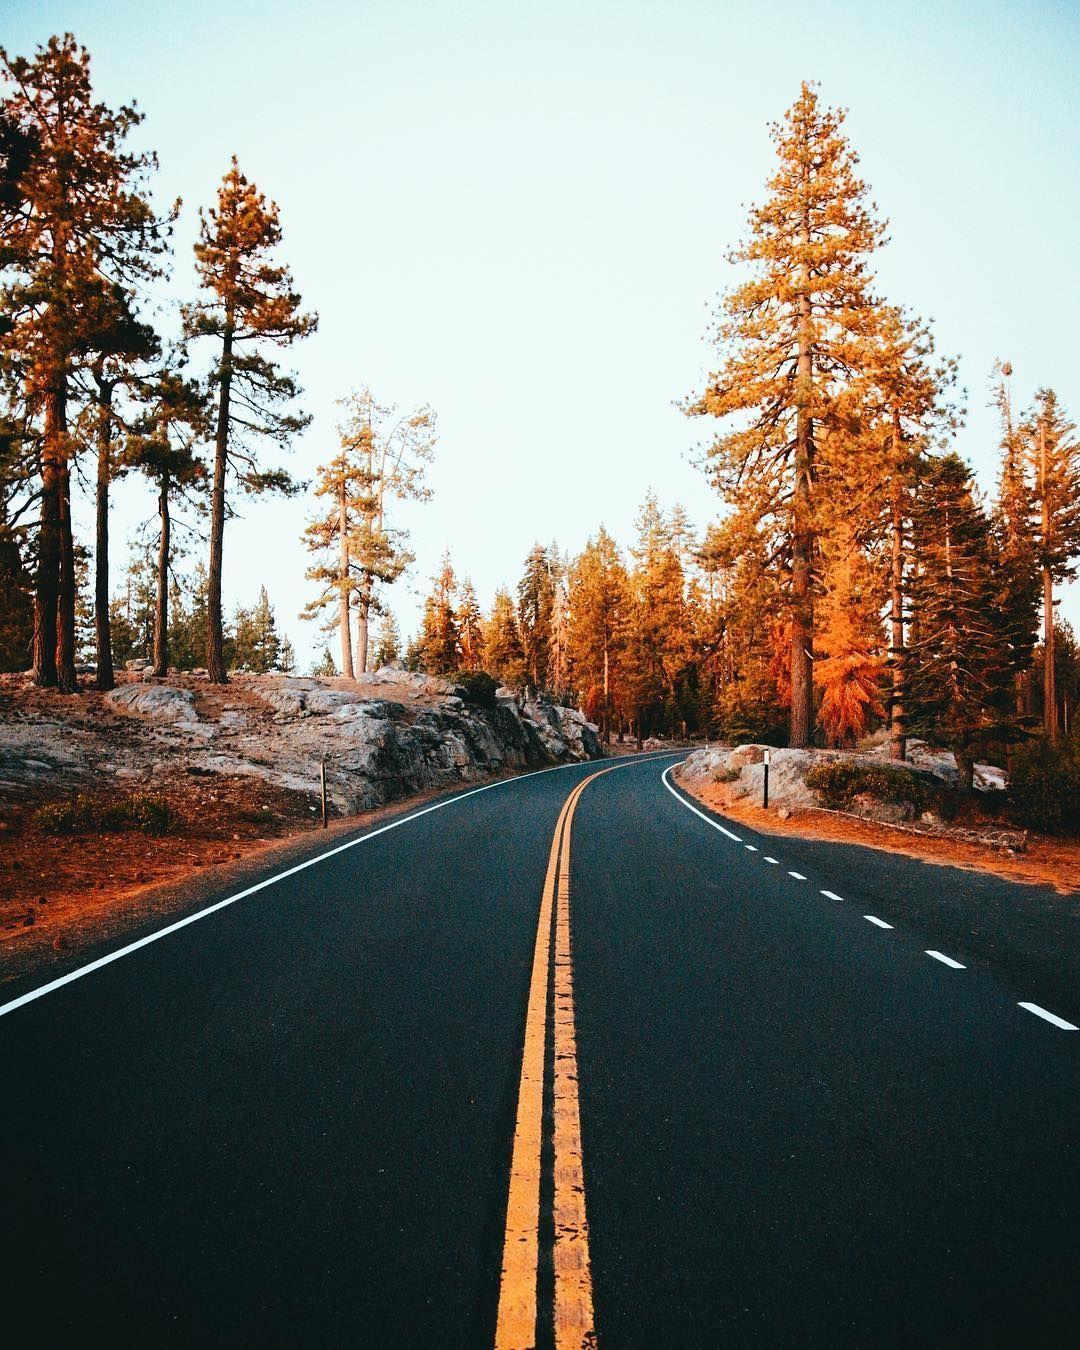 45 Foto Jalan Raya Dan Pemandangan Alam Yang Menakjubkan Di 2020 Pemandangan Fotografi Alam Ilustrasi Alam